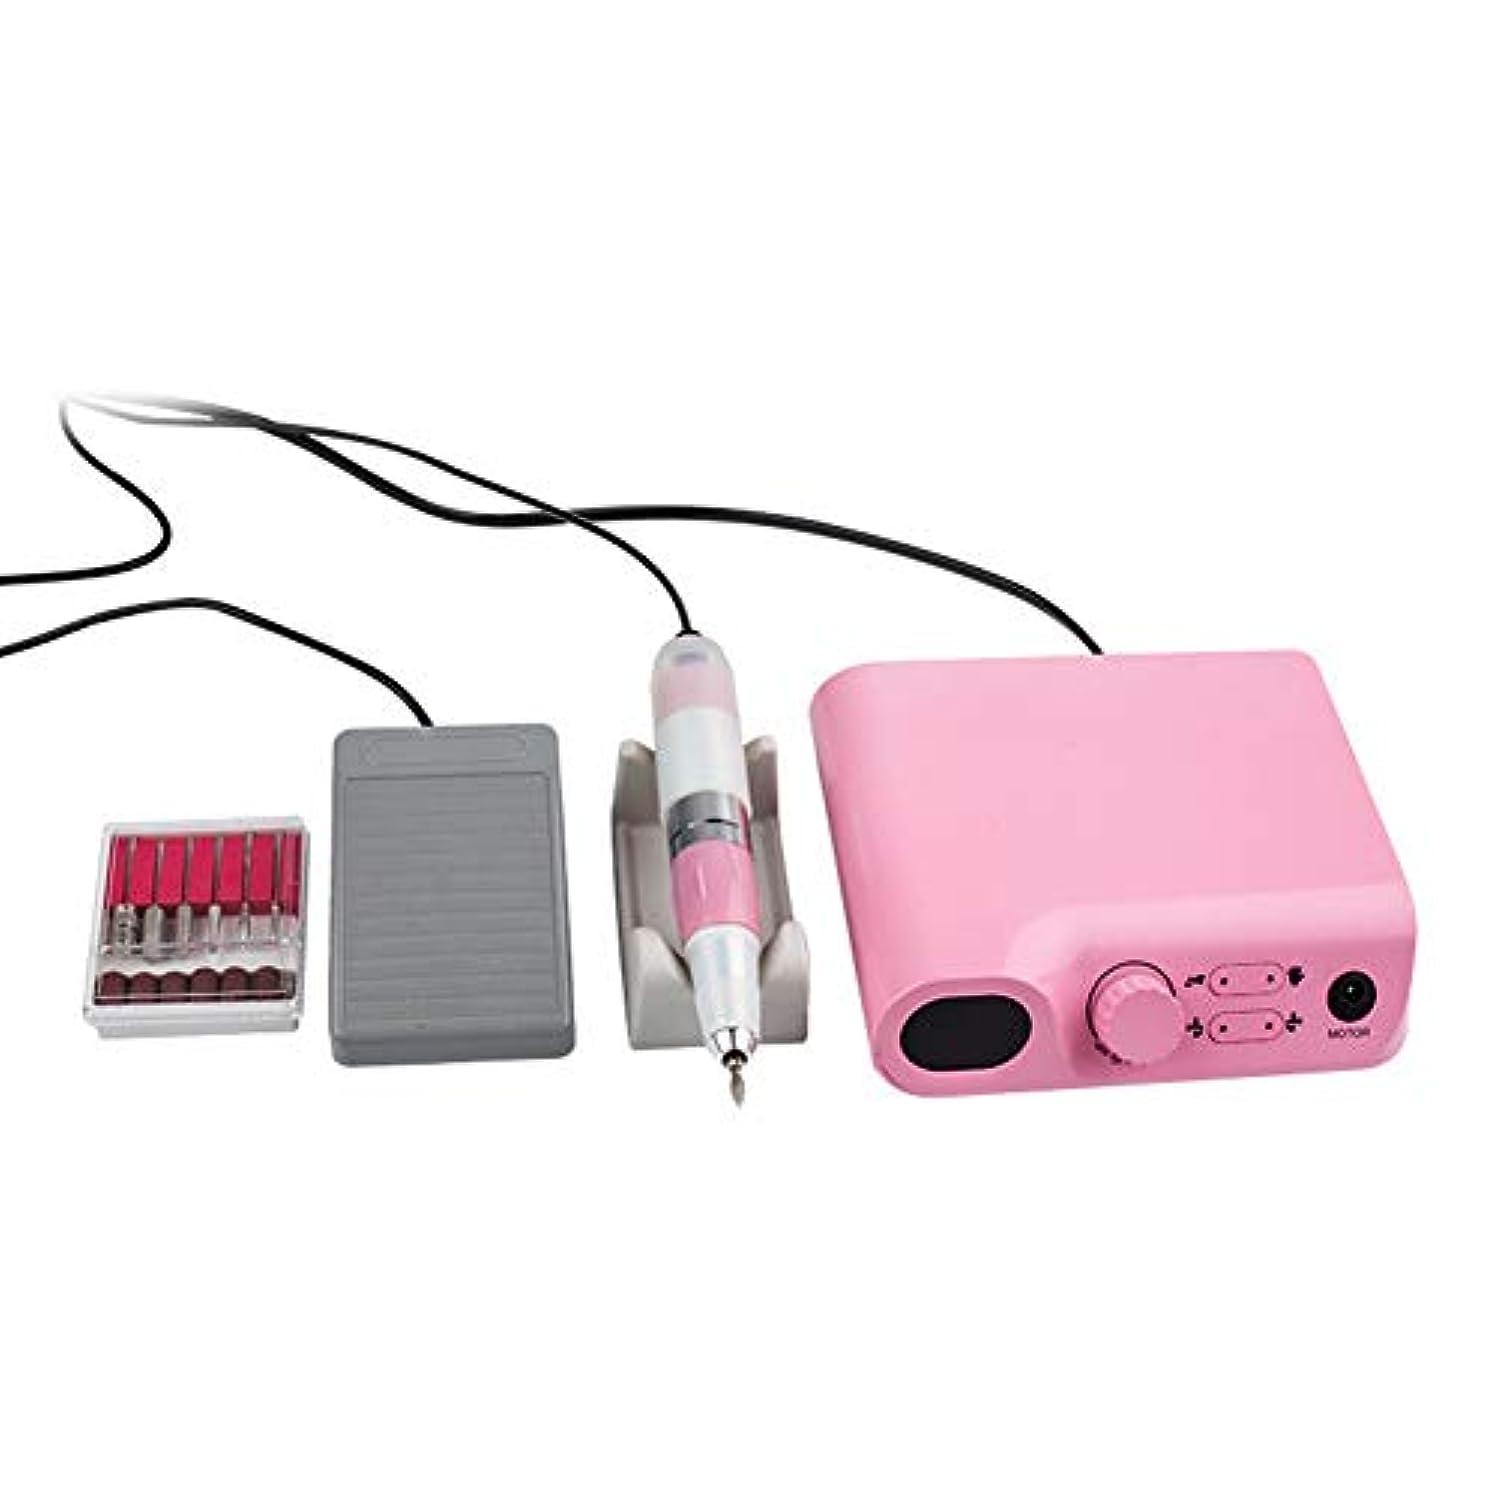 見かけ上ボトルネック恐怖電動ネイルドリルマシン、LCDディスプレイ付きマニキュアペディキュアファイルツールキット30000 RPM研削研磨ネイルセット,ピンク